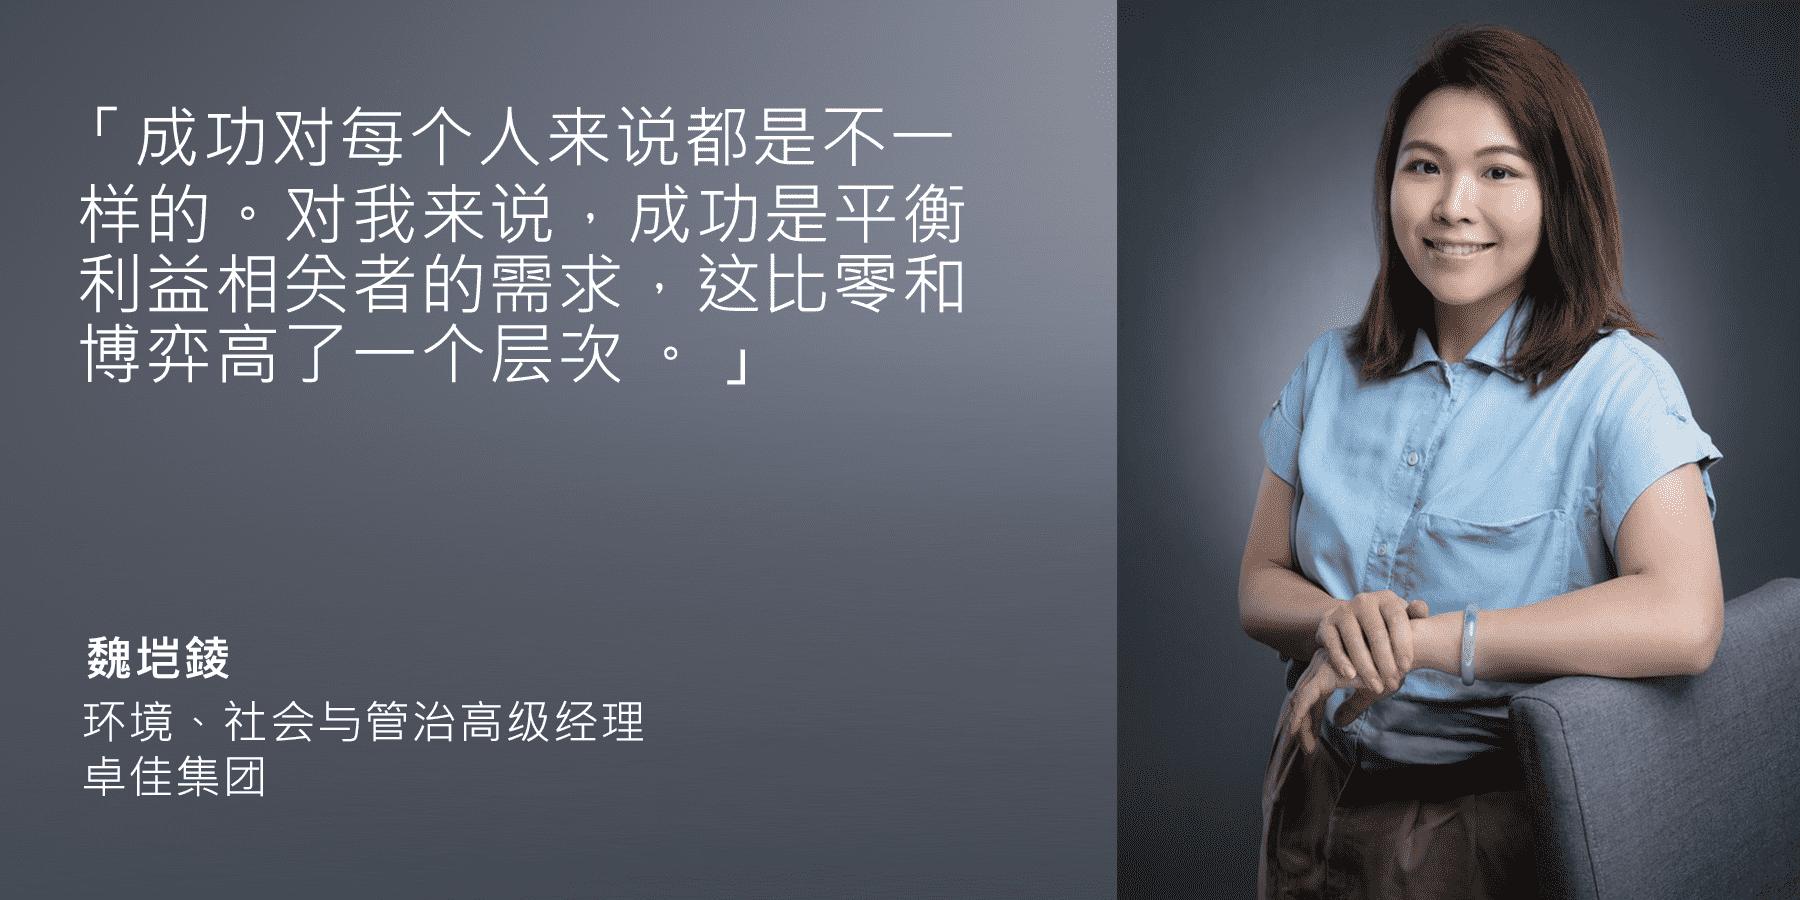 魏垲錂 - 环境、社会与管治高级经理